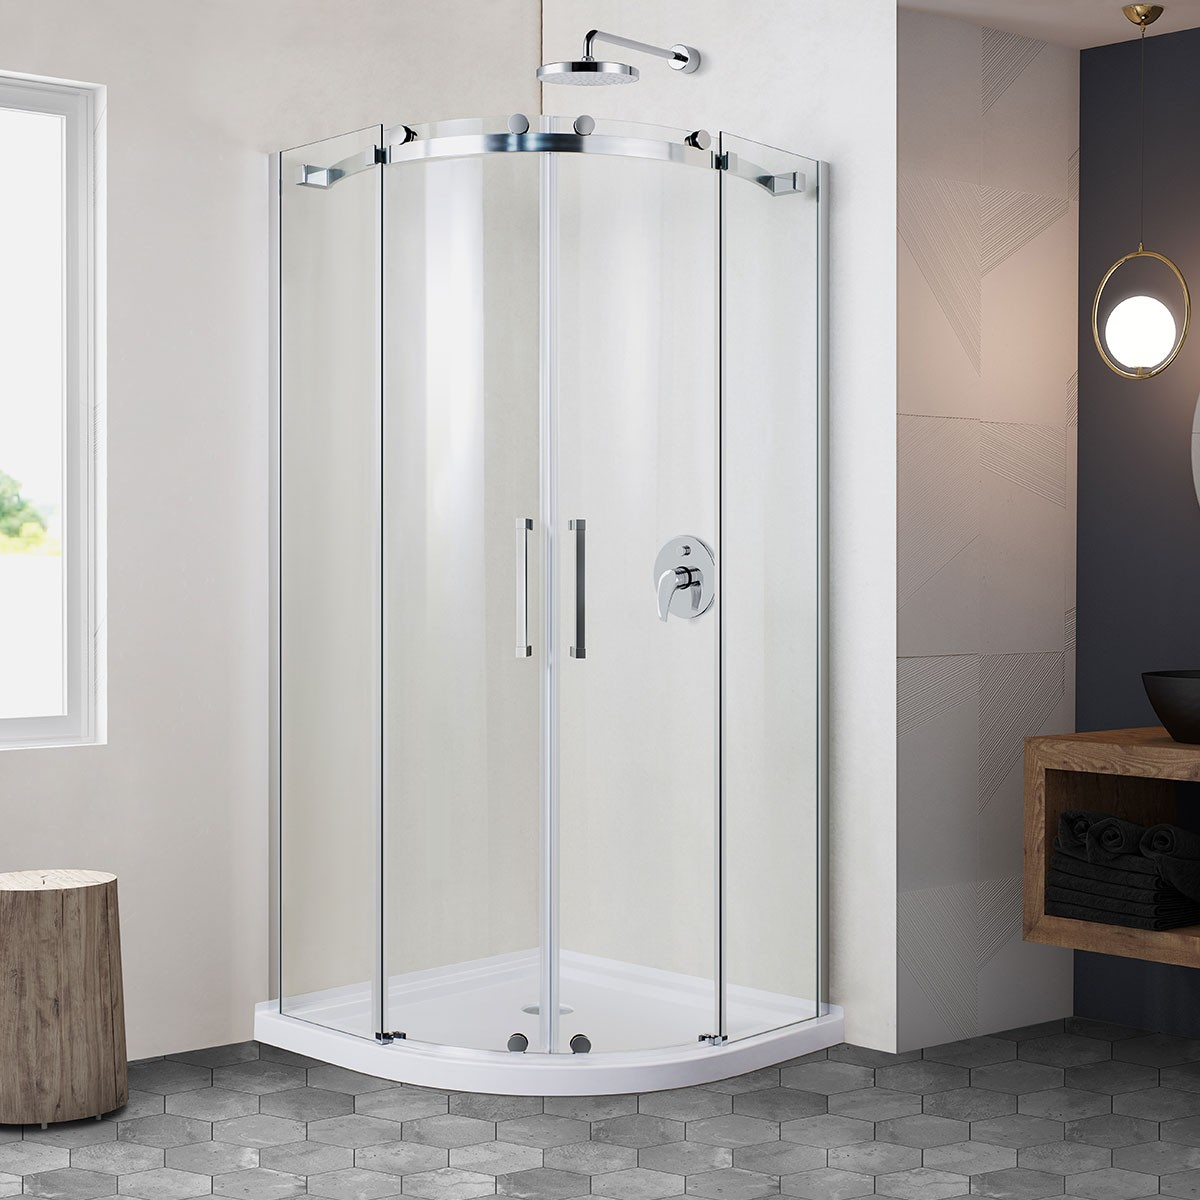 36 x 36 In. Round Sliding Shower Door (DK-AM6002-6)